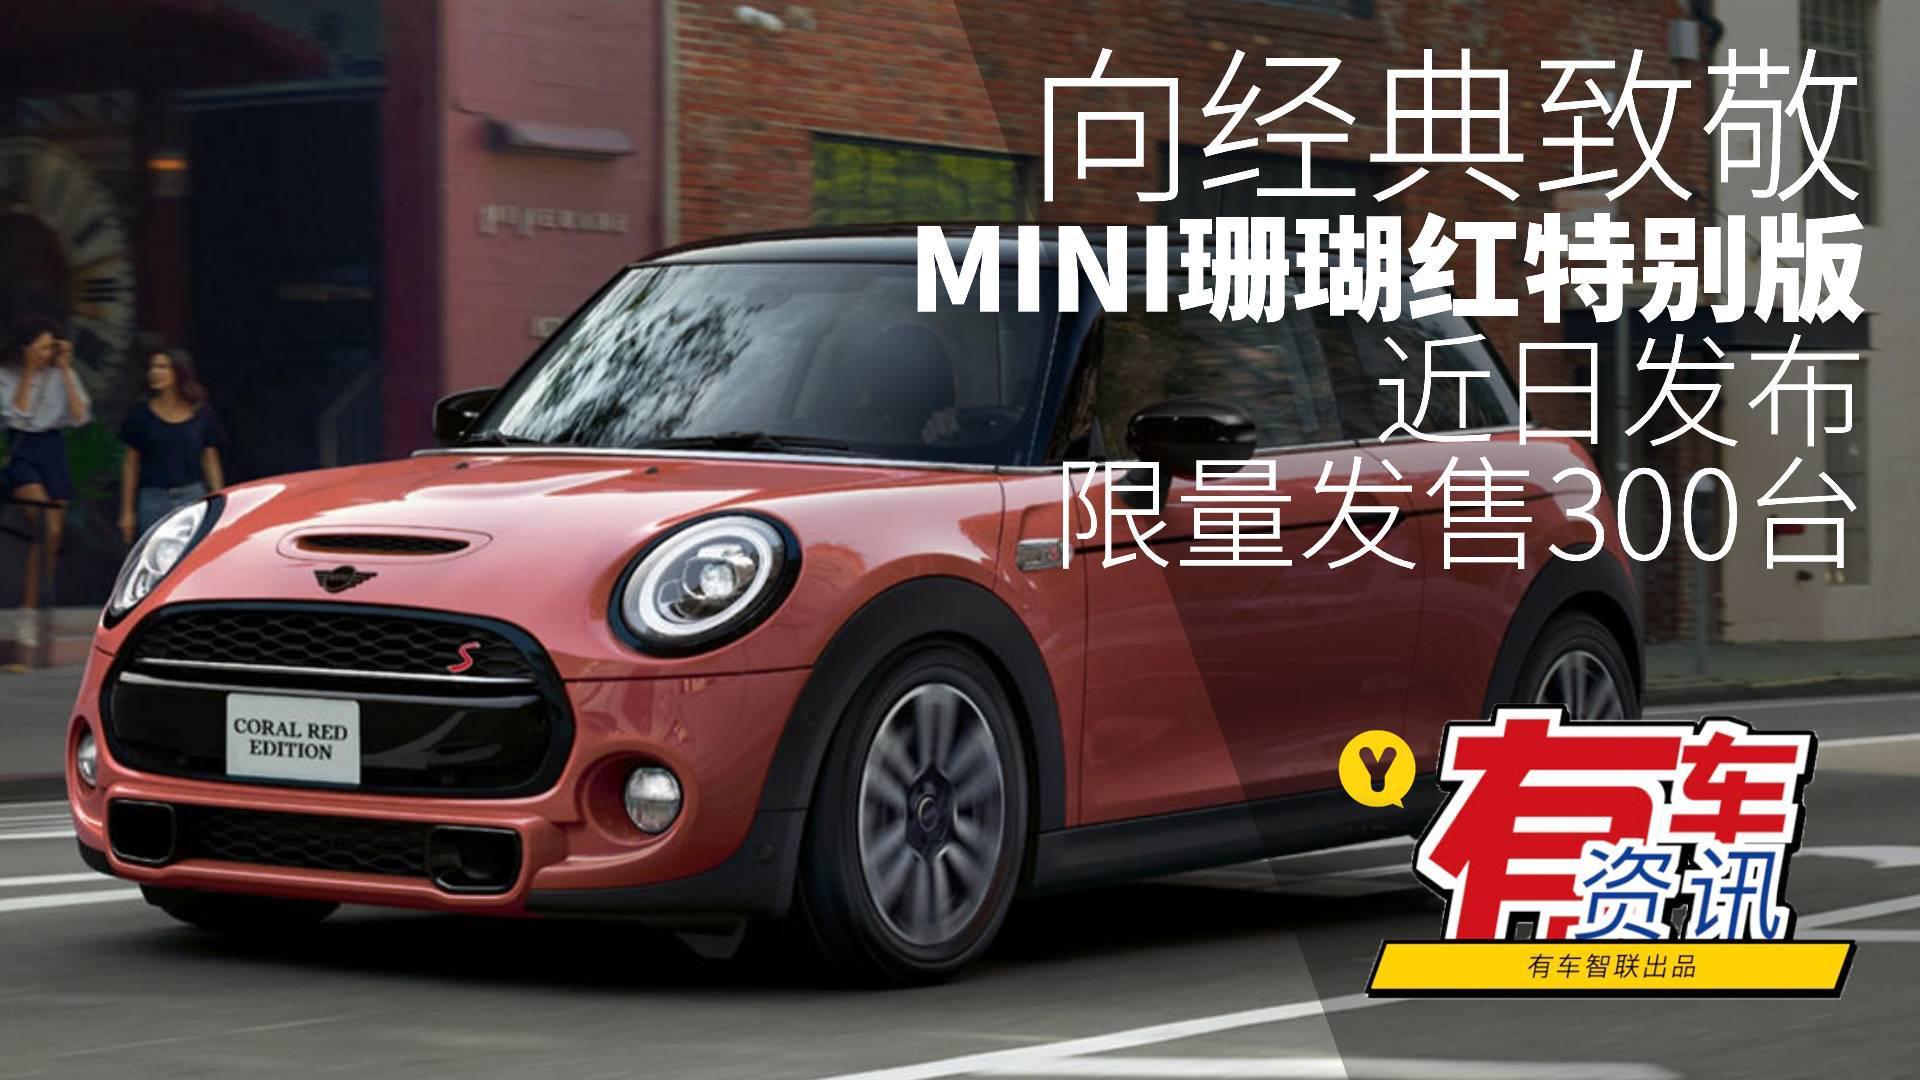 向经典致敬 MINI珊瑚红特别版近日发布 限量发售300台